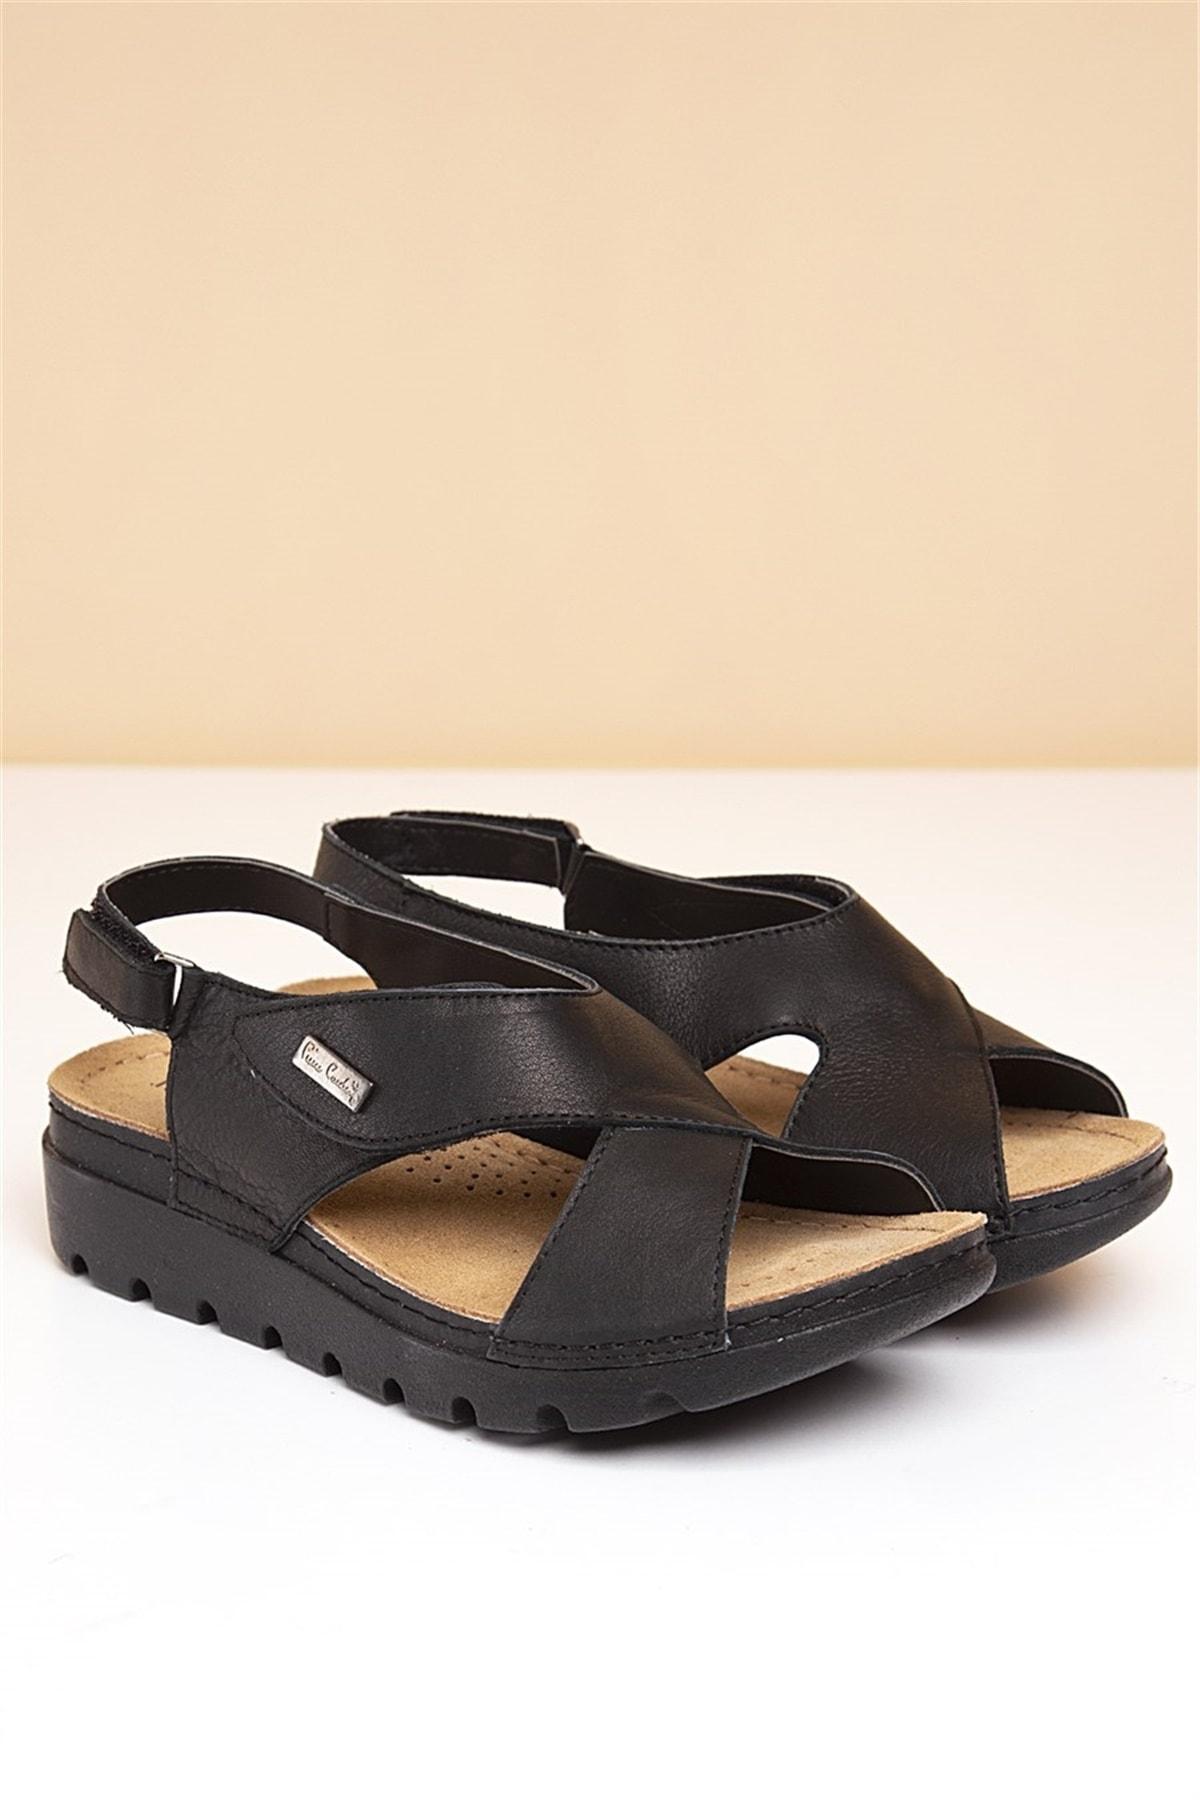 Pierre Cardin PC-1378 Siyah Kadın Sandalet 1